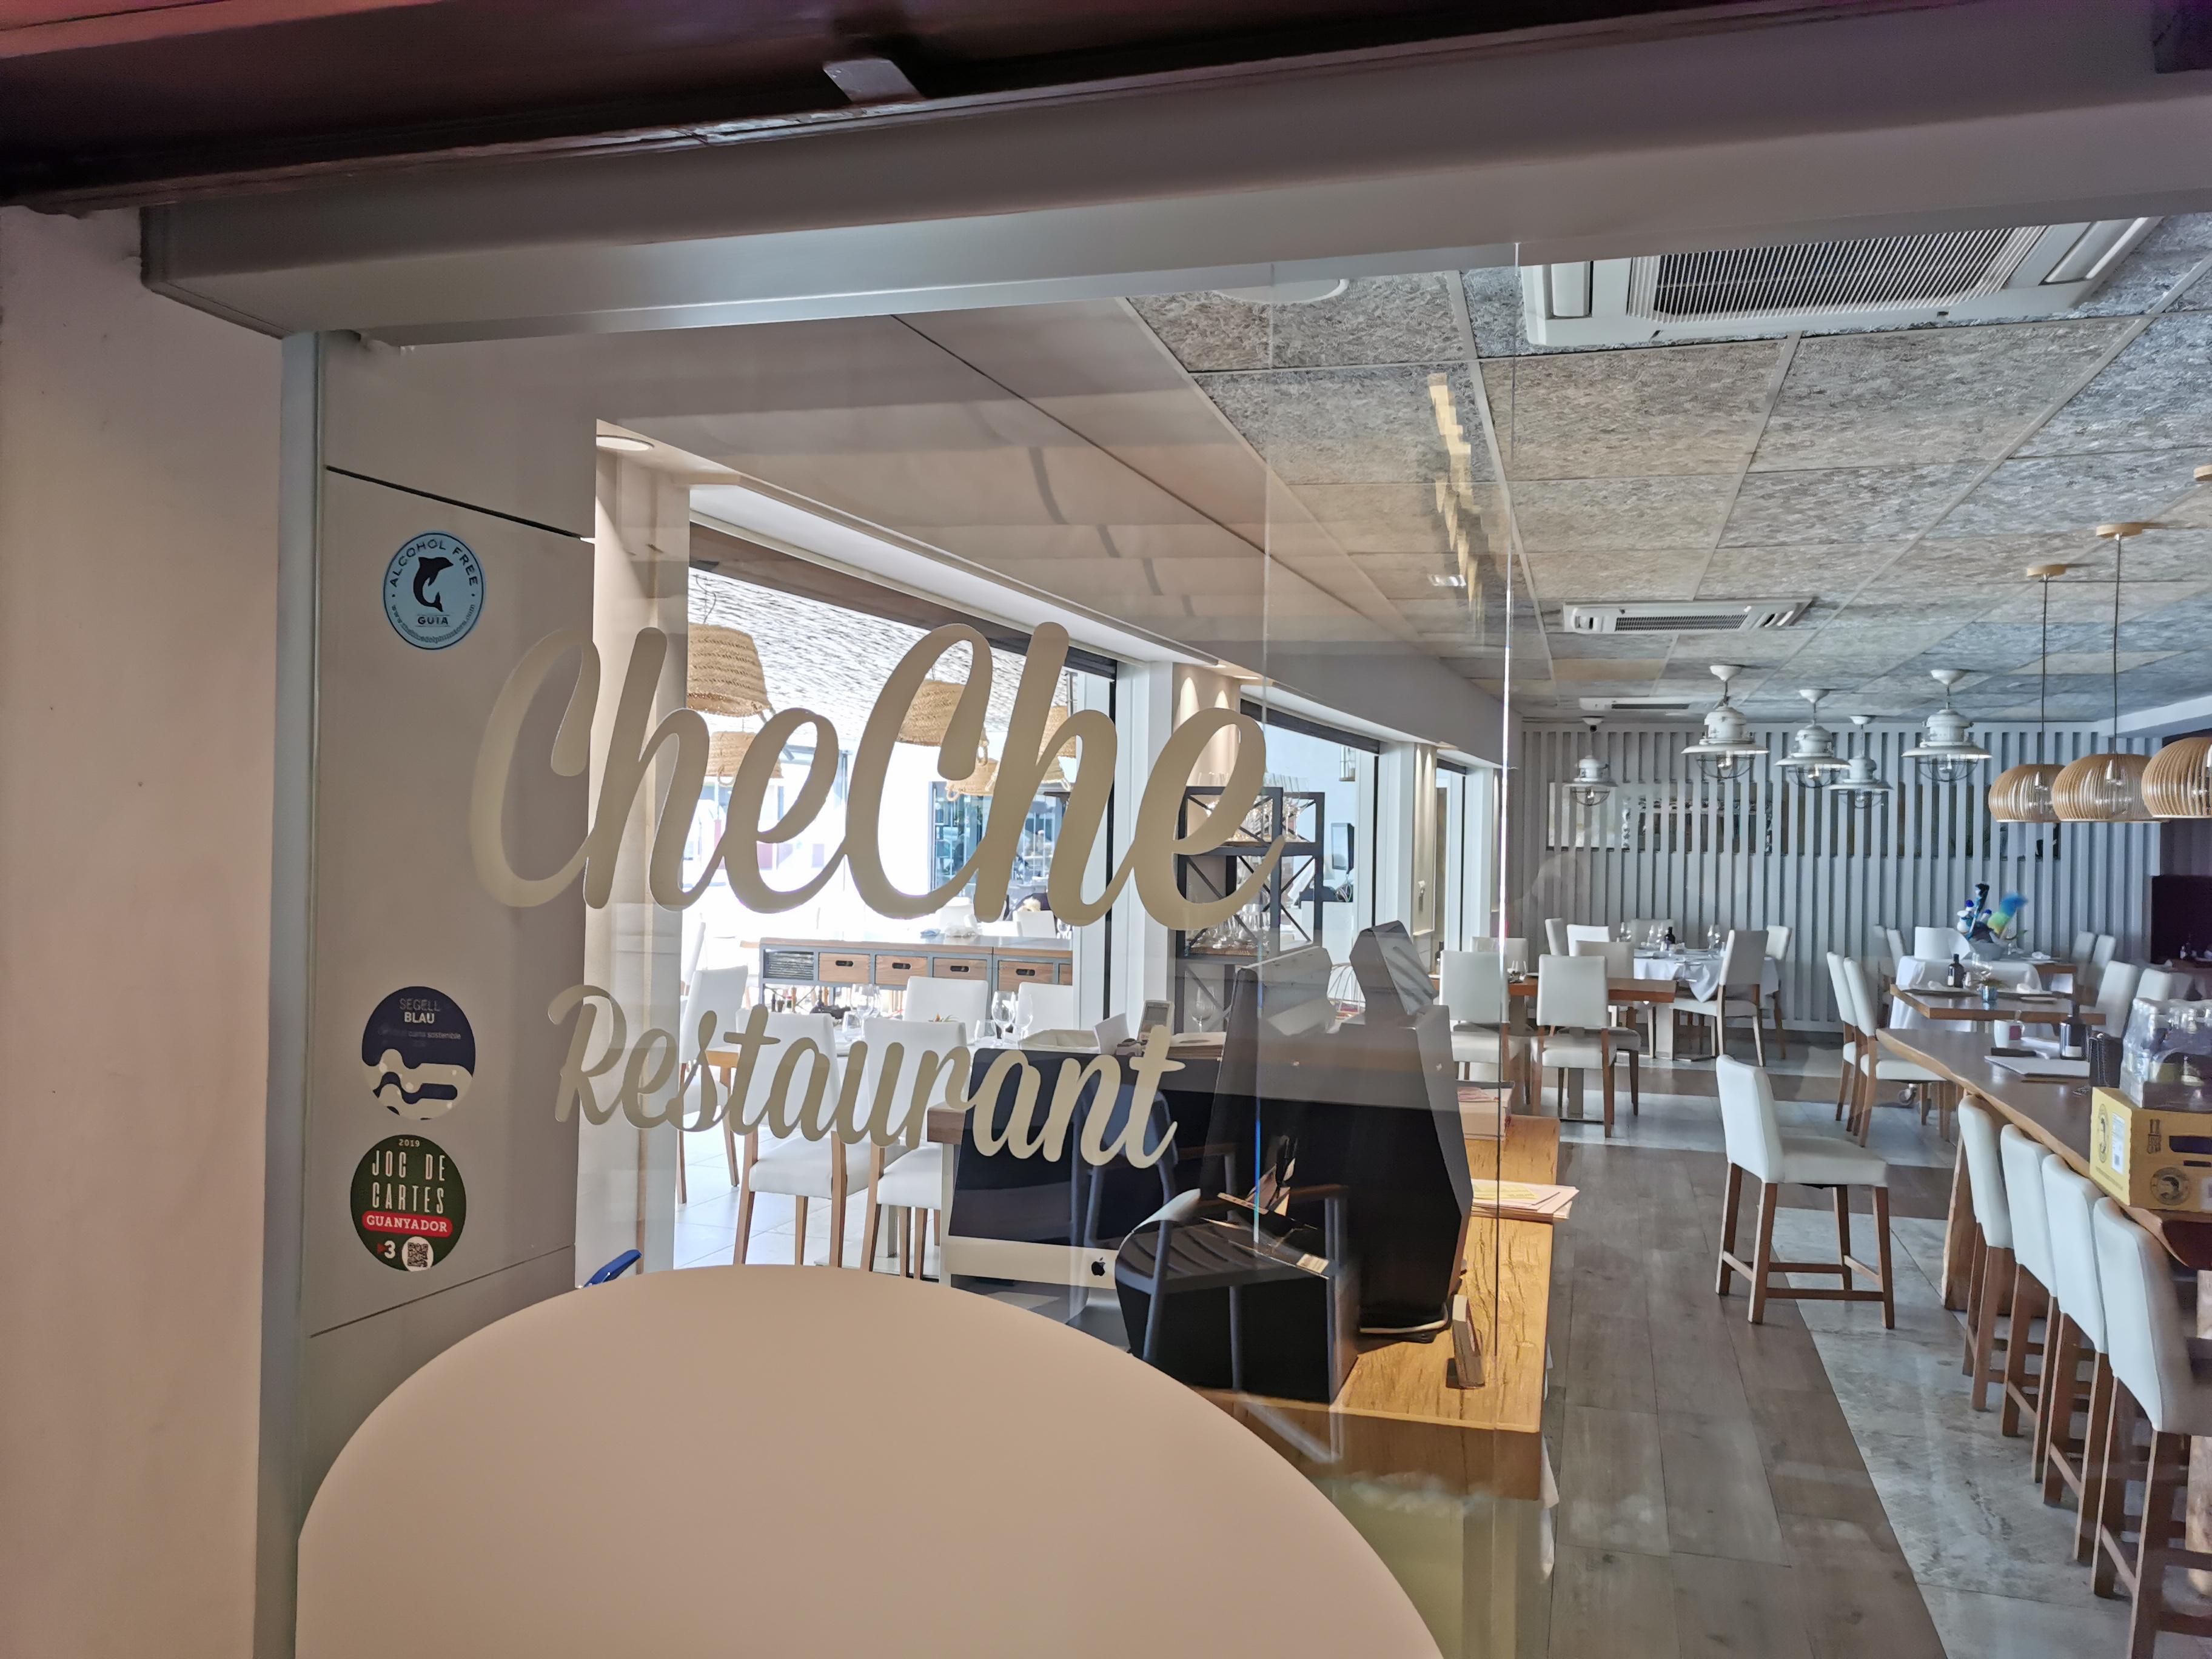 interior del restaurant cheche de castelldefels amb el logo the The Blue Dolphin Store a la porta